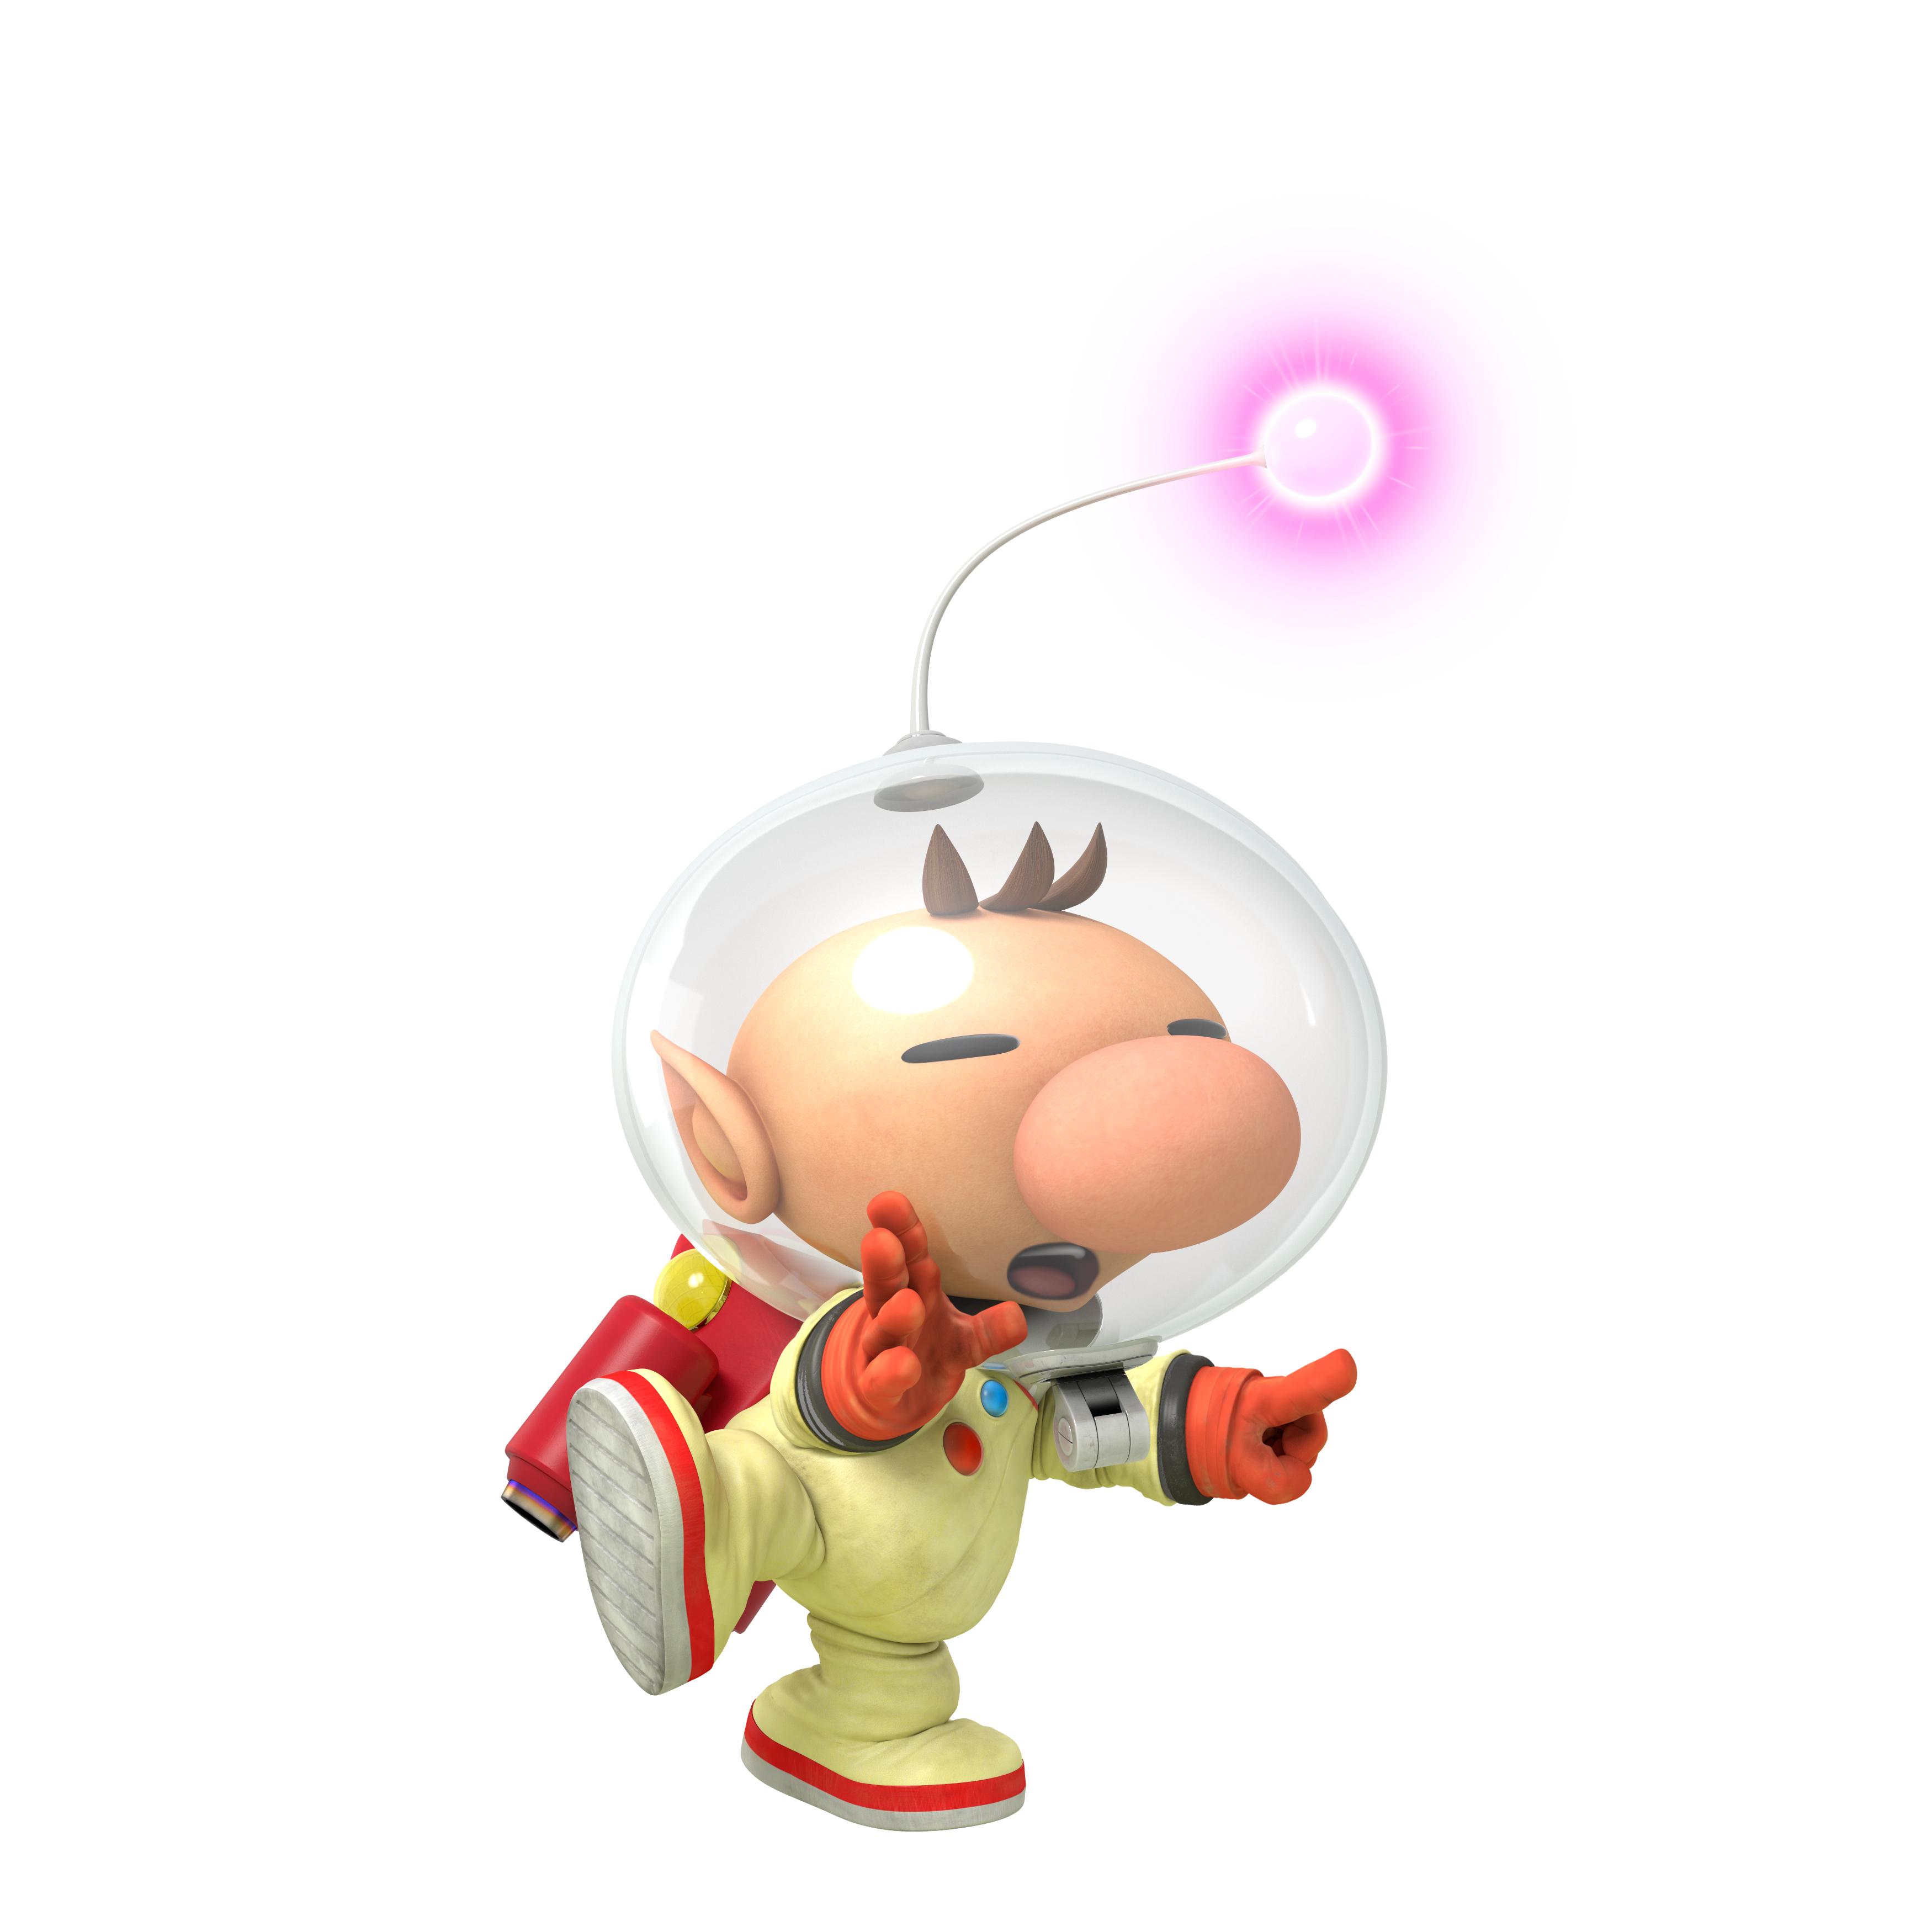 Oznámena hra Hey! Pikmin pro 3DS 142009